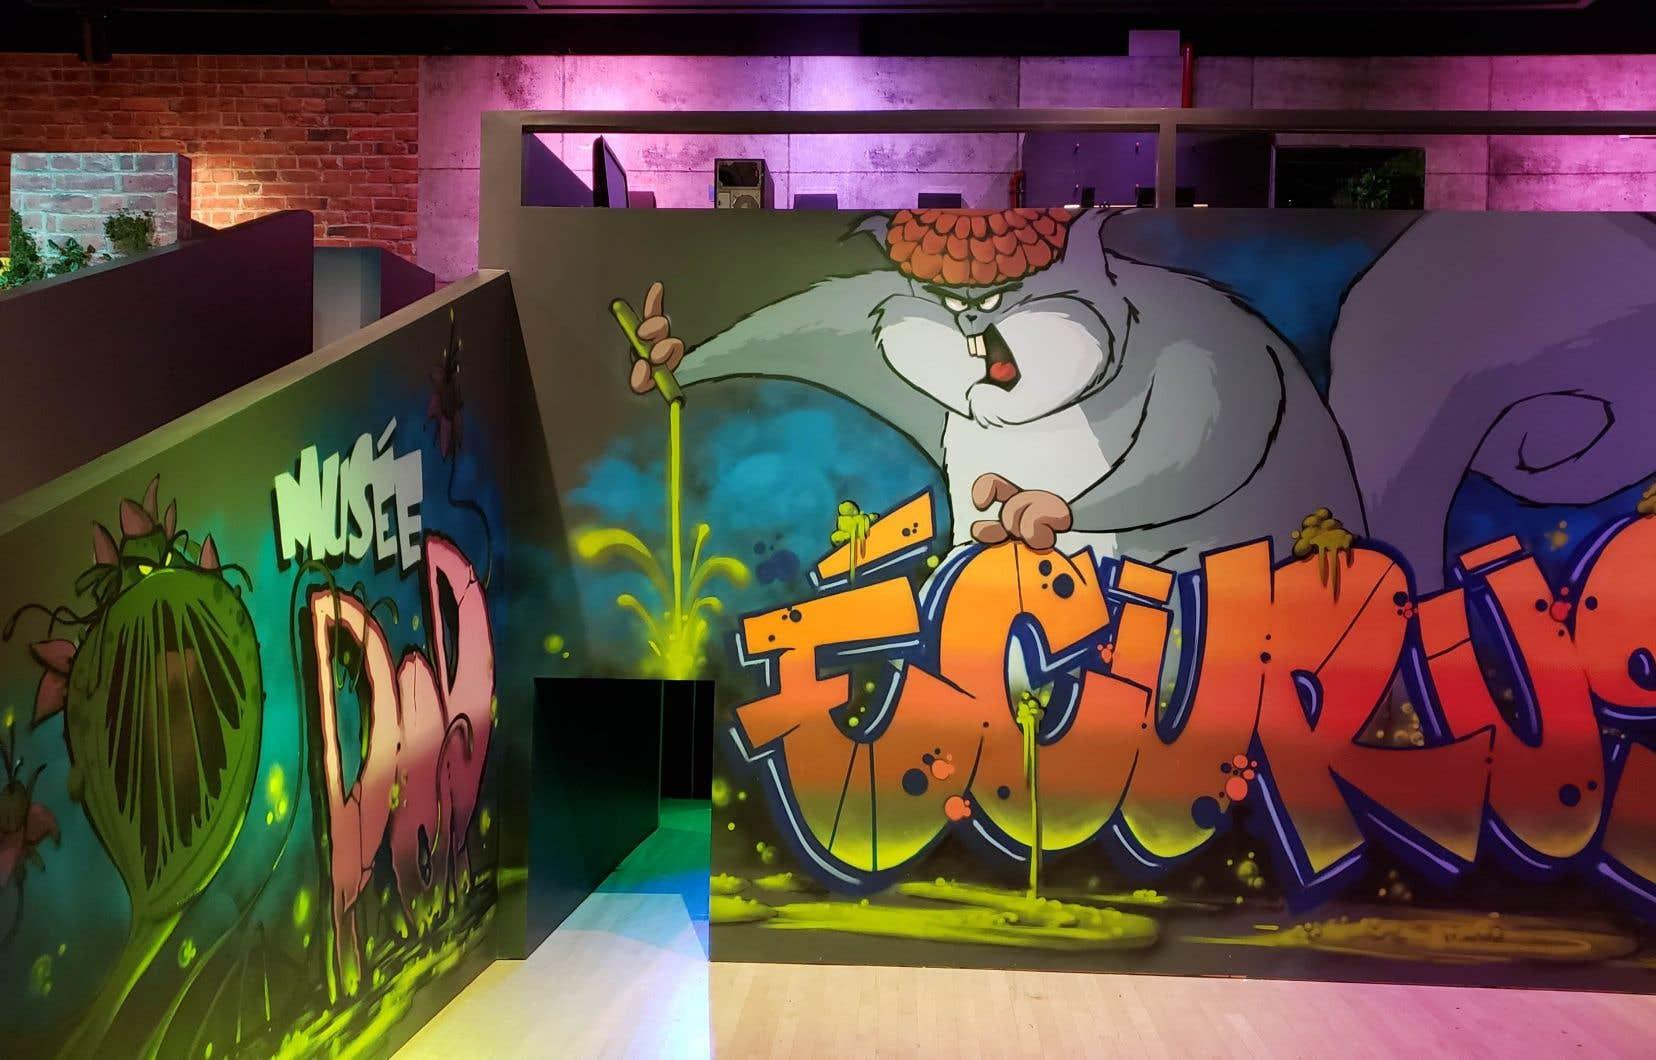 Pour les plus jeunes, le Musée POP a inauguré l'exposition temporaire <i>L'ADN des superhéros</i>. Ce parcours ludique propose une mission: aider le professeur Laforest à créer un antidote et sauver la ville de Trois-Rivières.